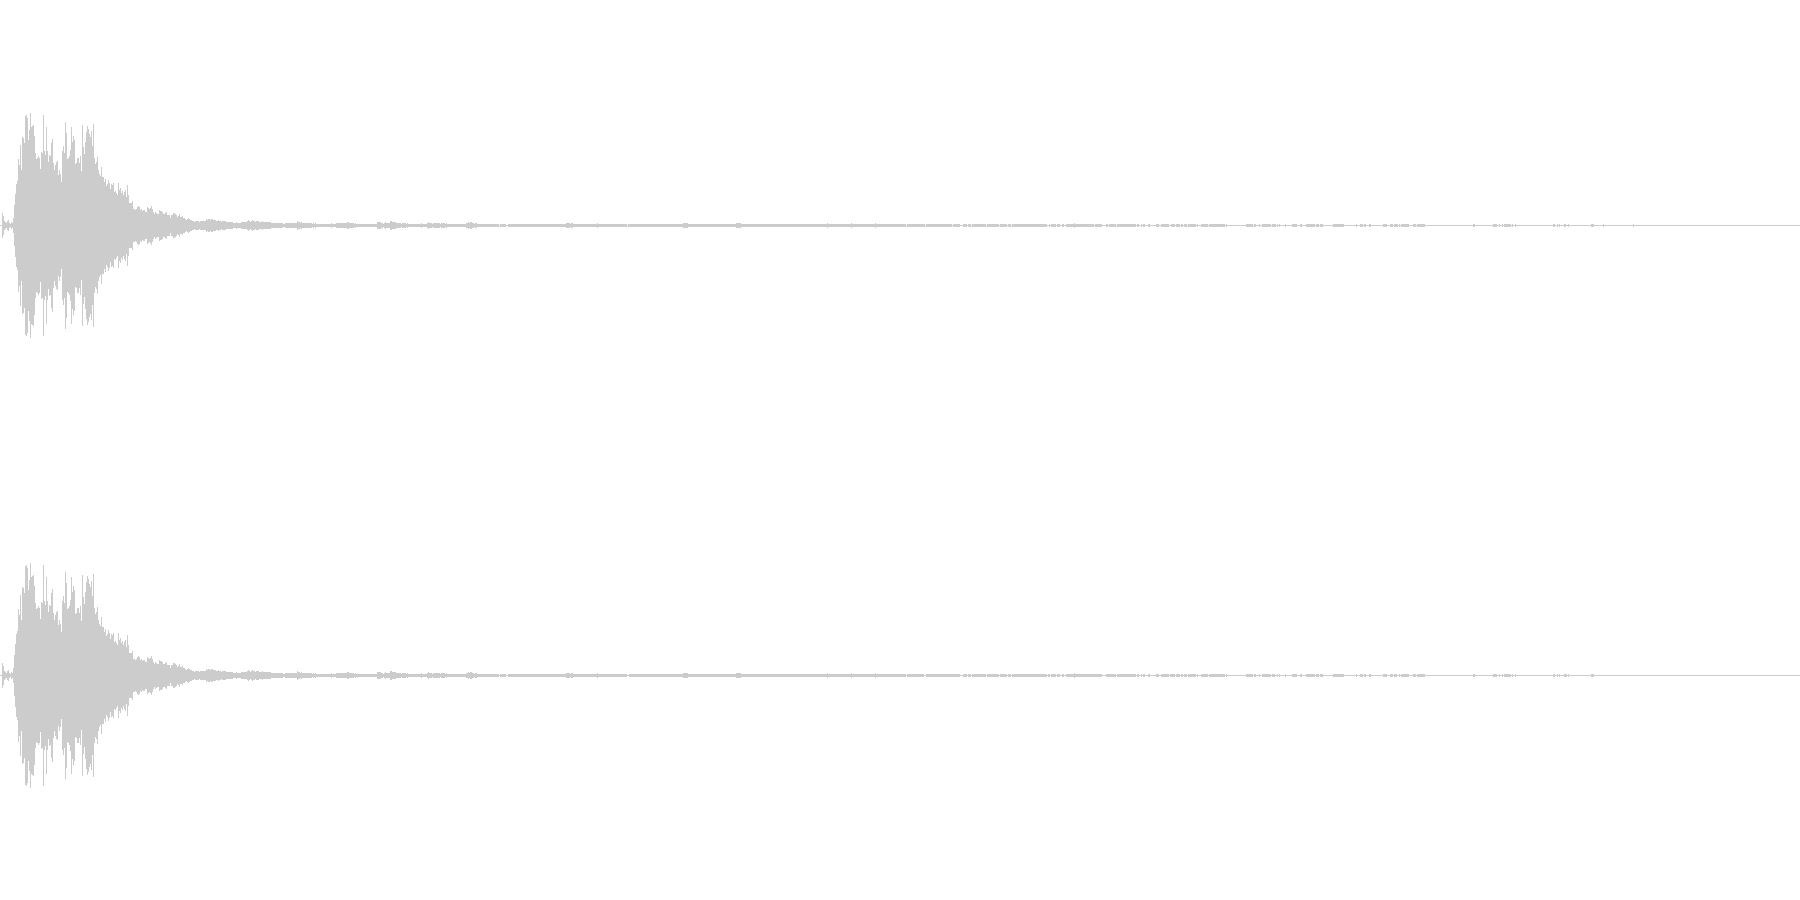 キラリーン ウィンドチャイム 効果音の未再生の波形